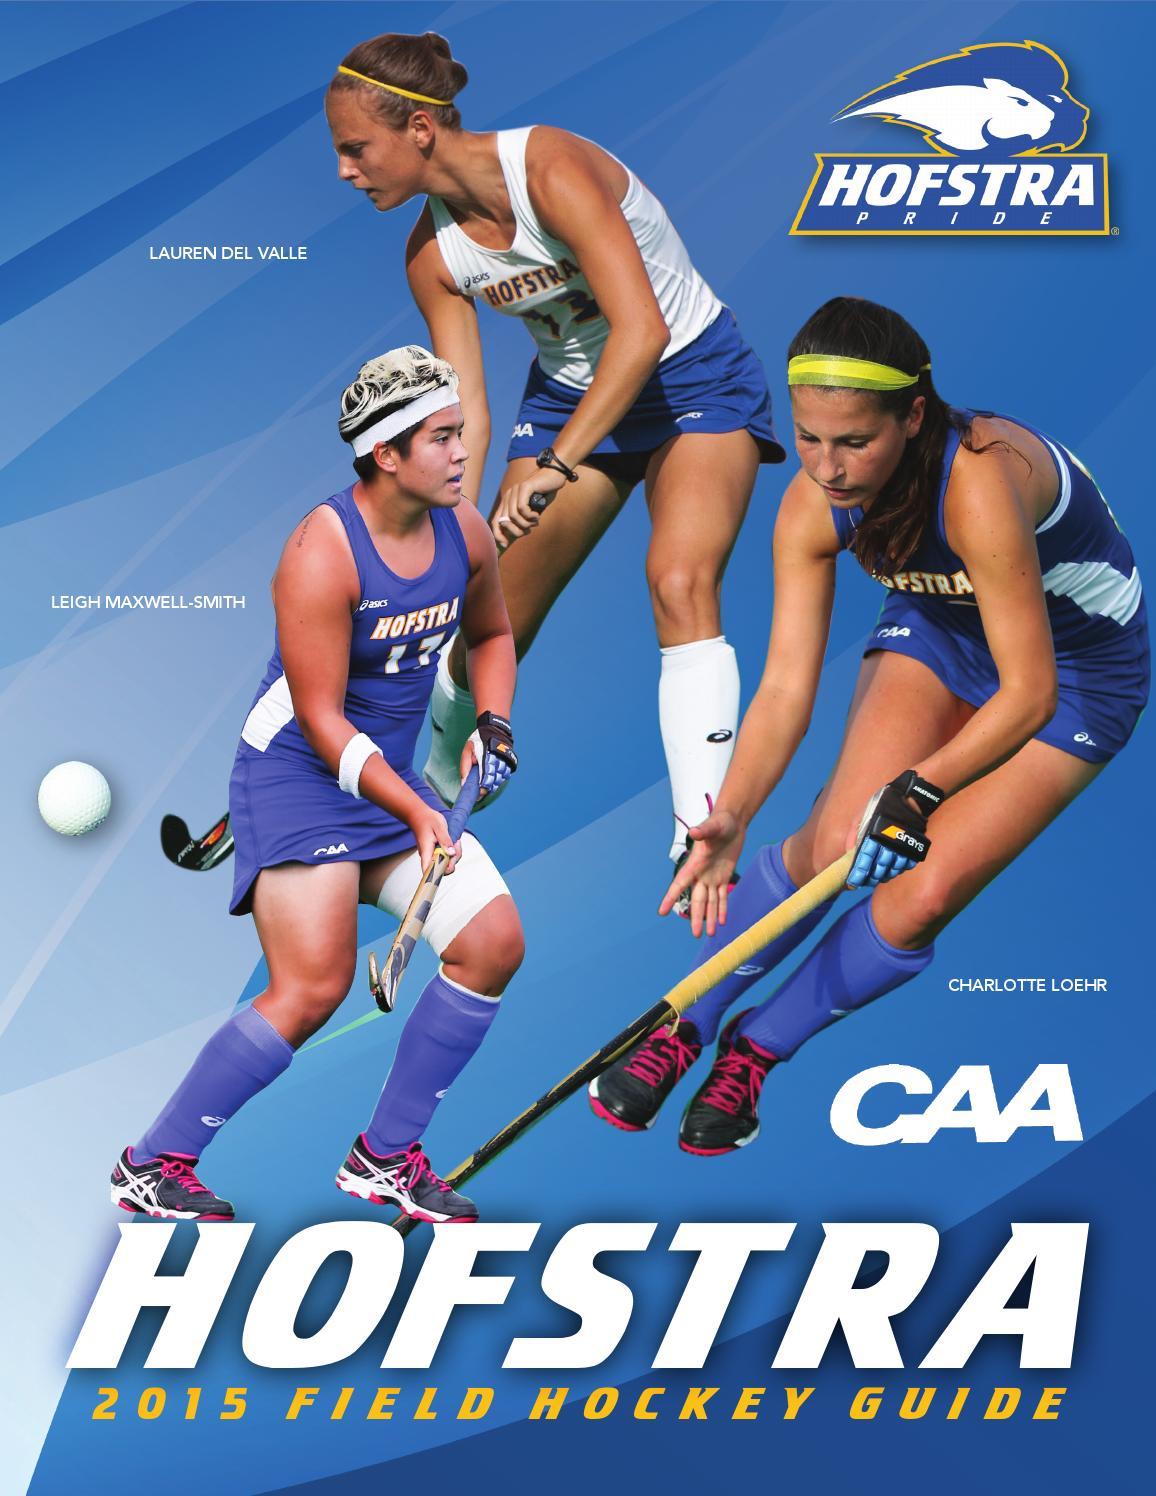 2015 Hofstra Field Hockey Virtual Guide By Hofstra